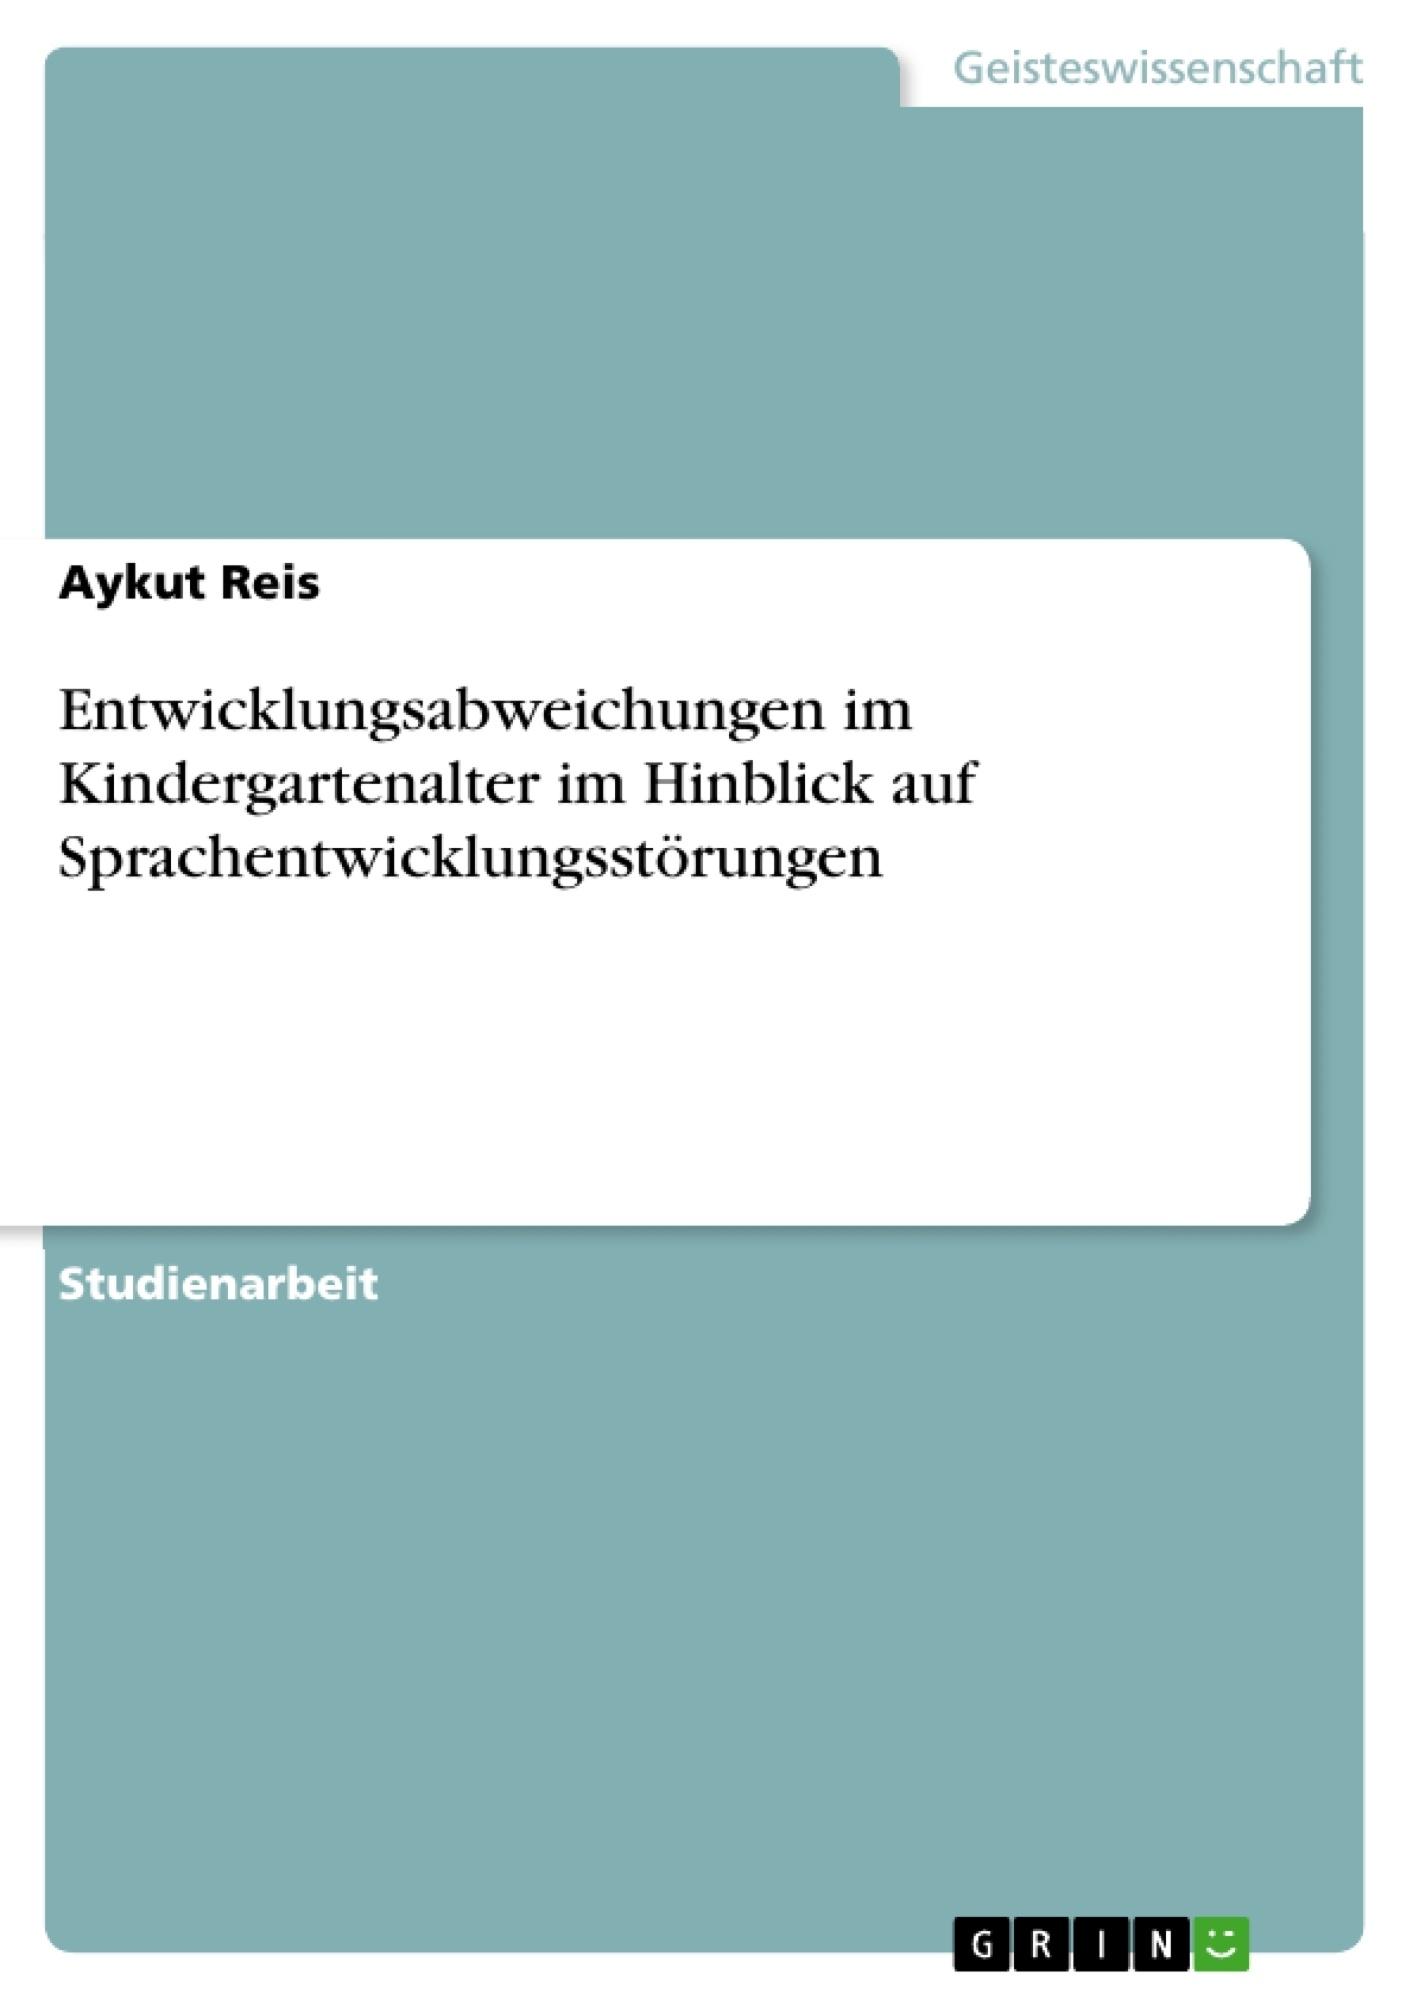 Titel: Entwicklungsabweichungen im Kindergartenalter im Hinblick auf Sprachentwicklungsstörungen